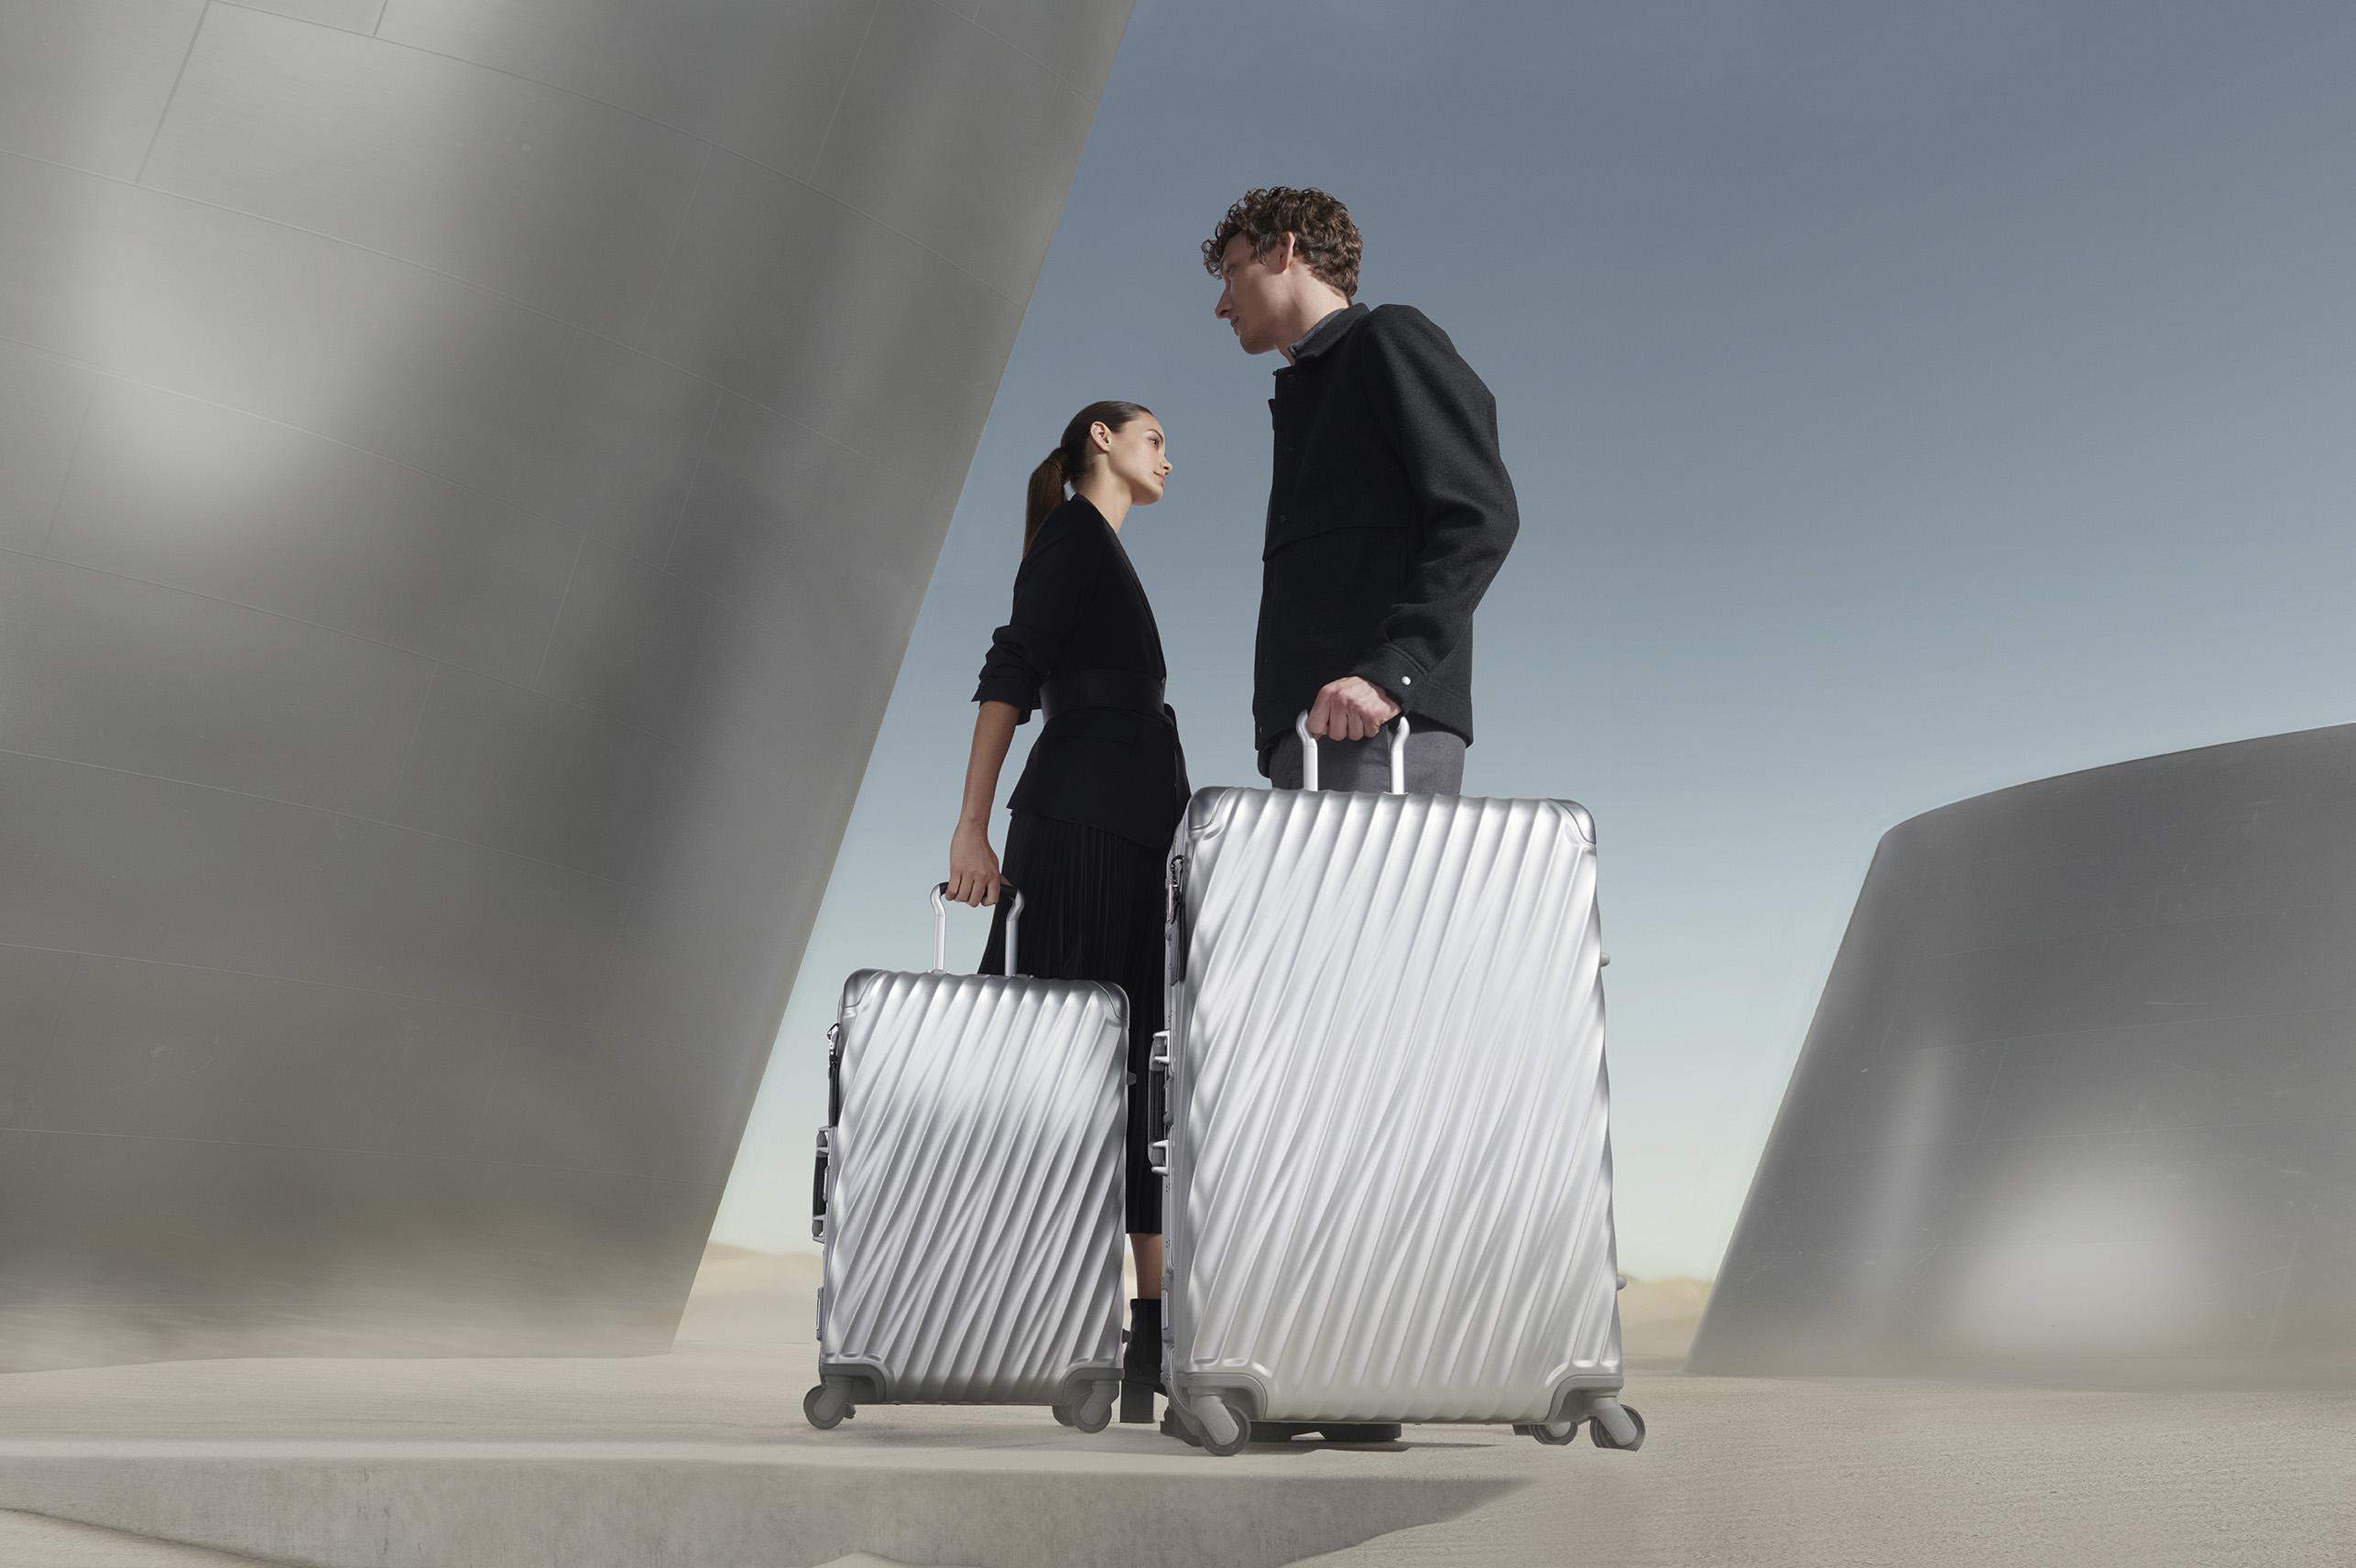 مجموعة حقائب سفر جديدة من TUMI